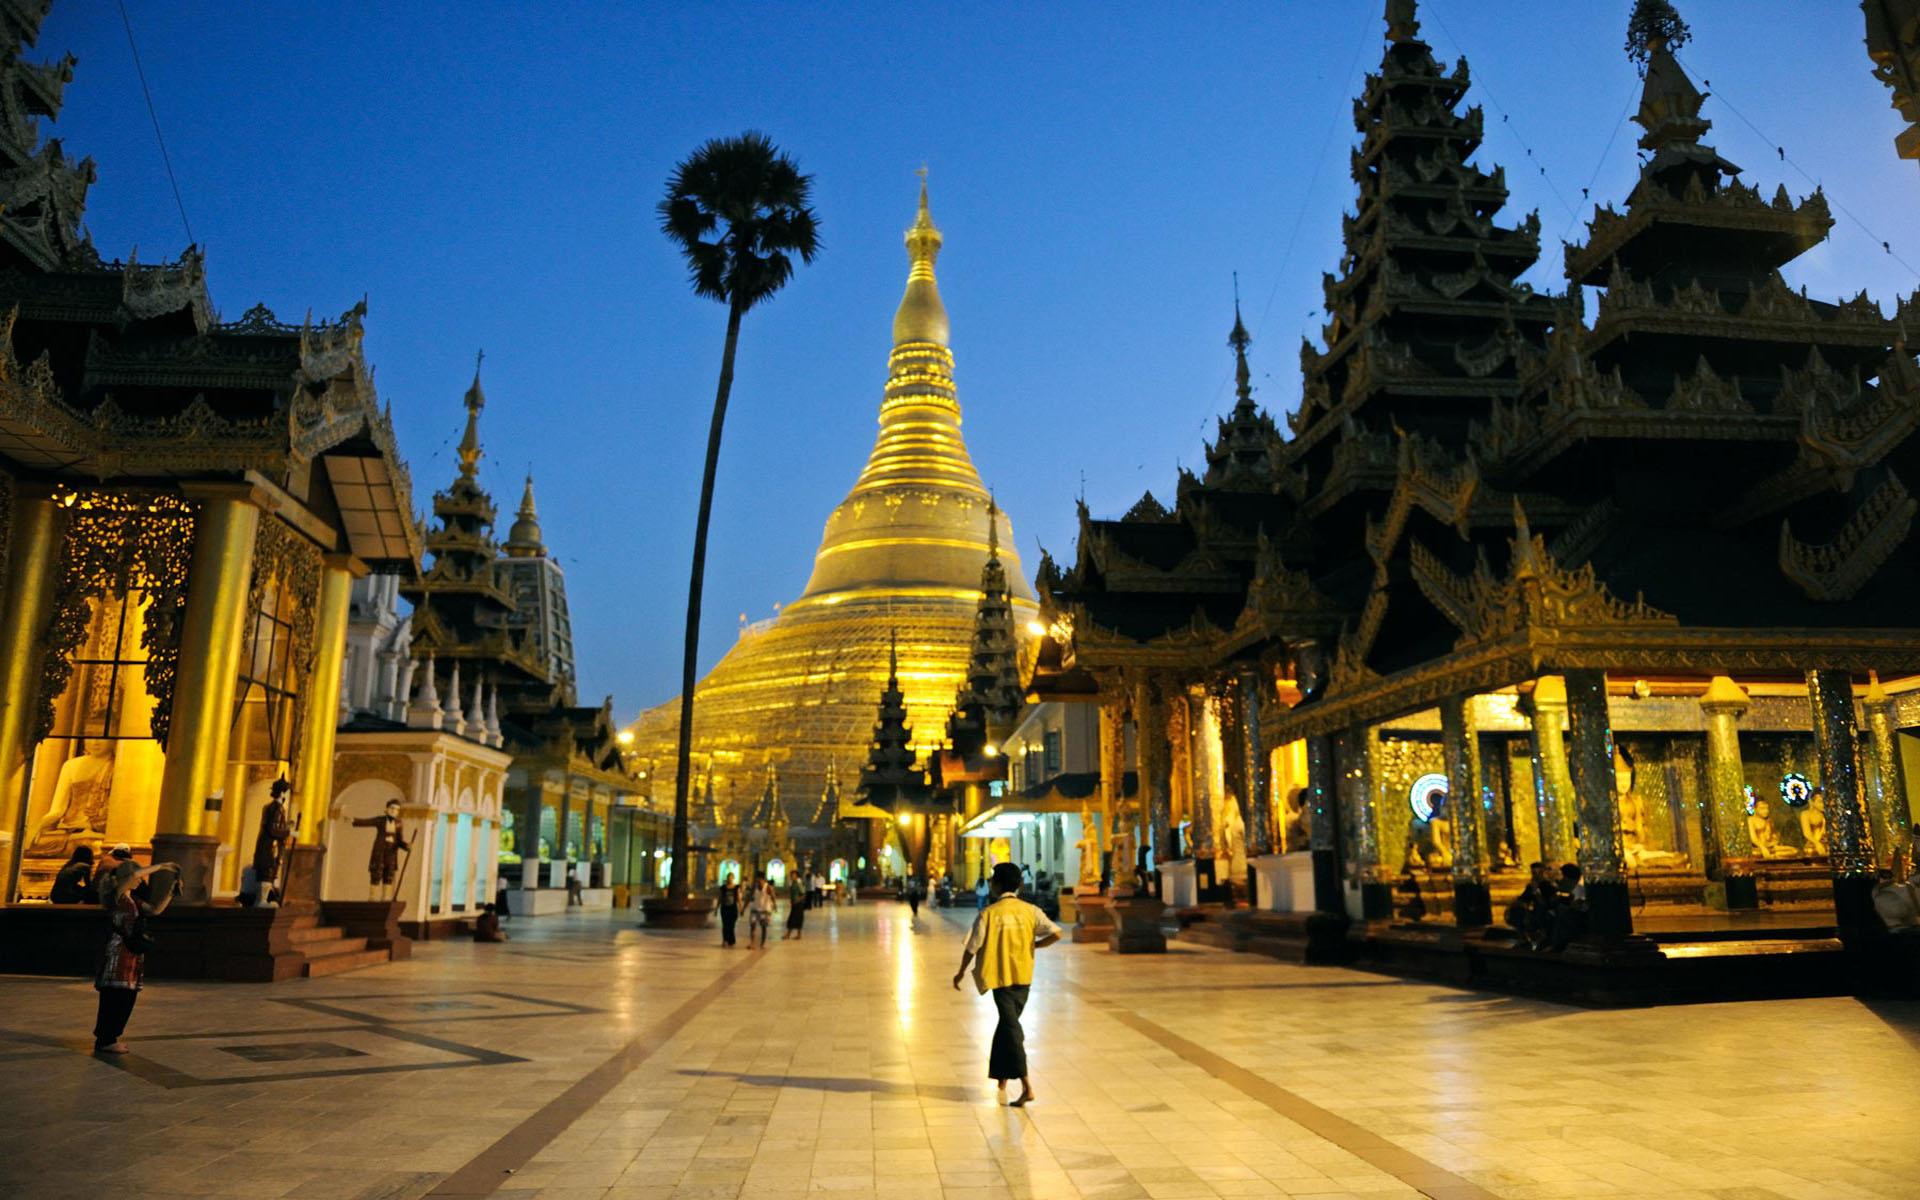 Thai airways reservation amp ticketing office in yangon myanmar